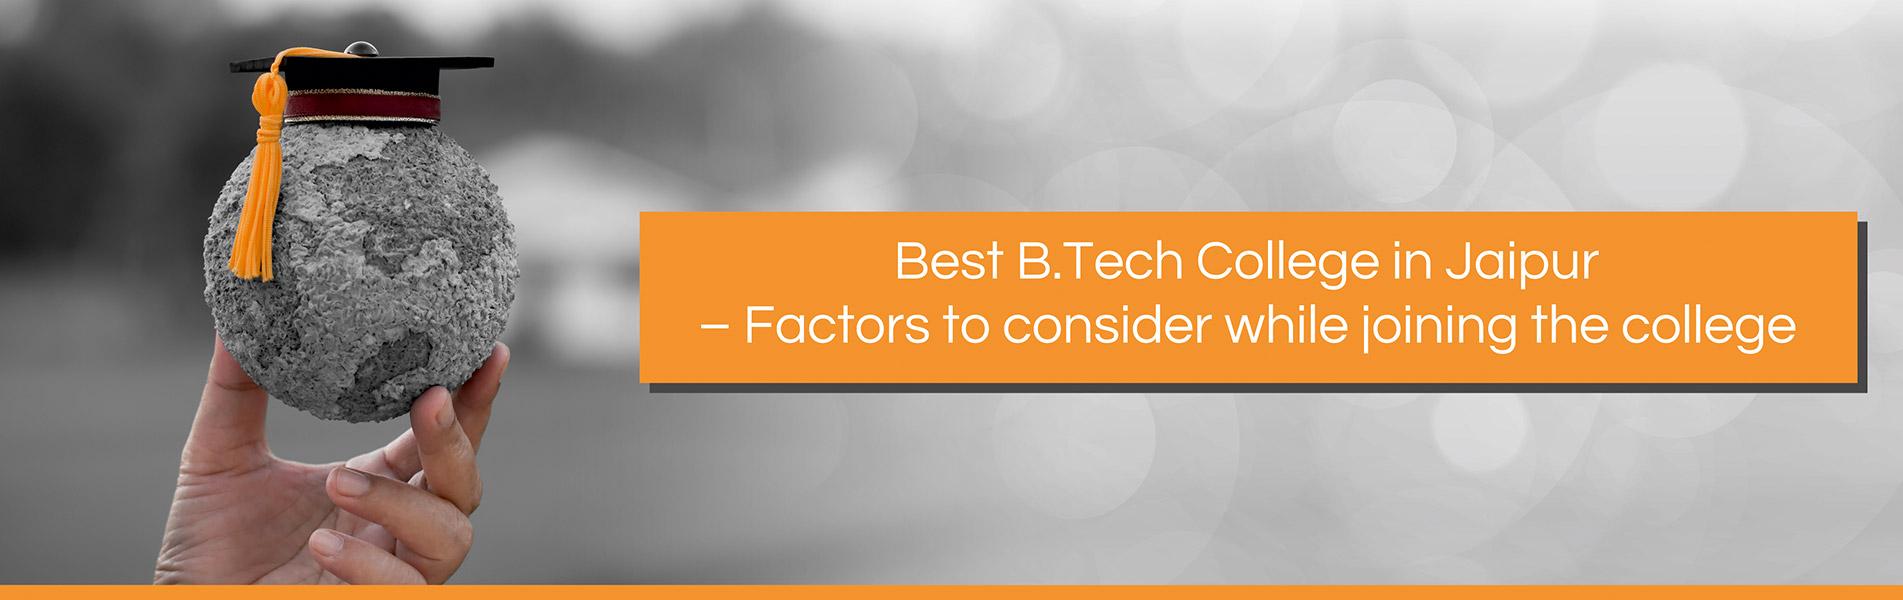 Best BTech College in Jaipur